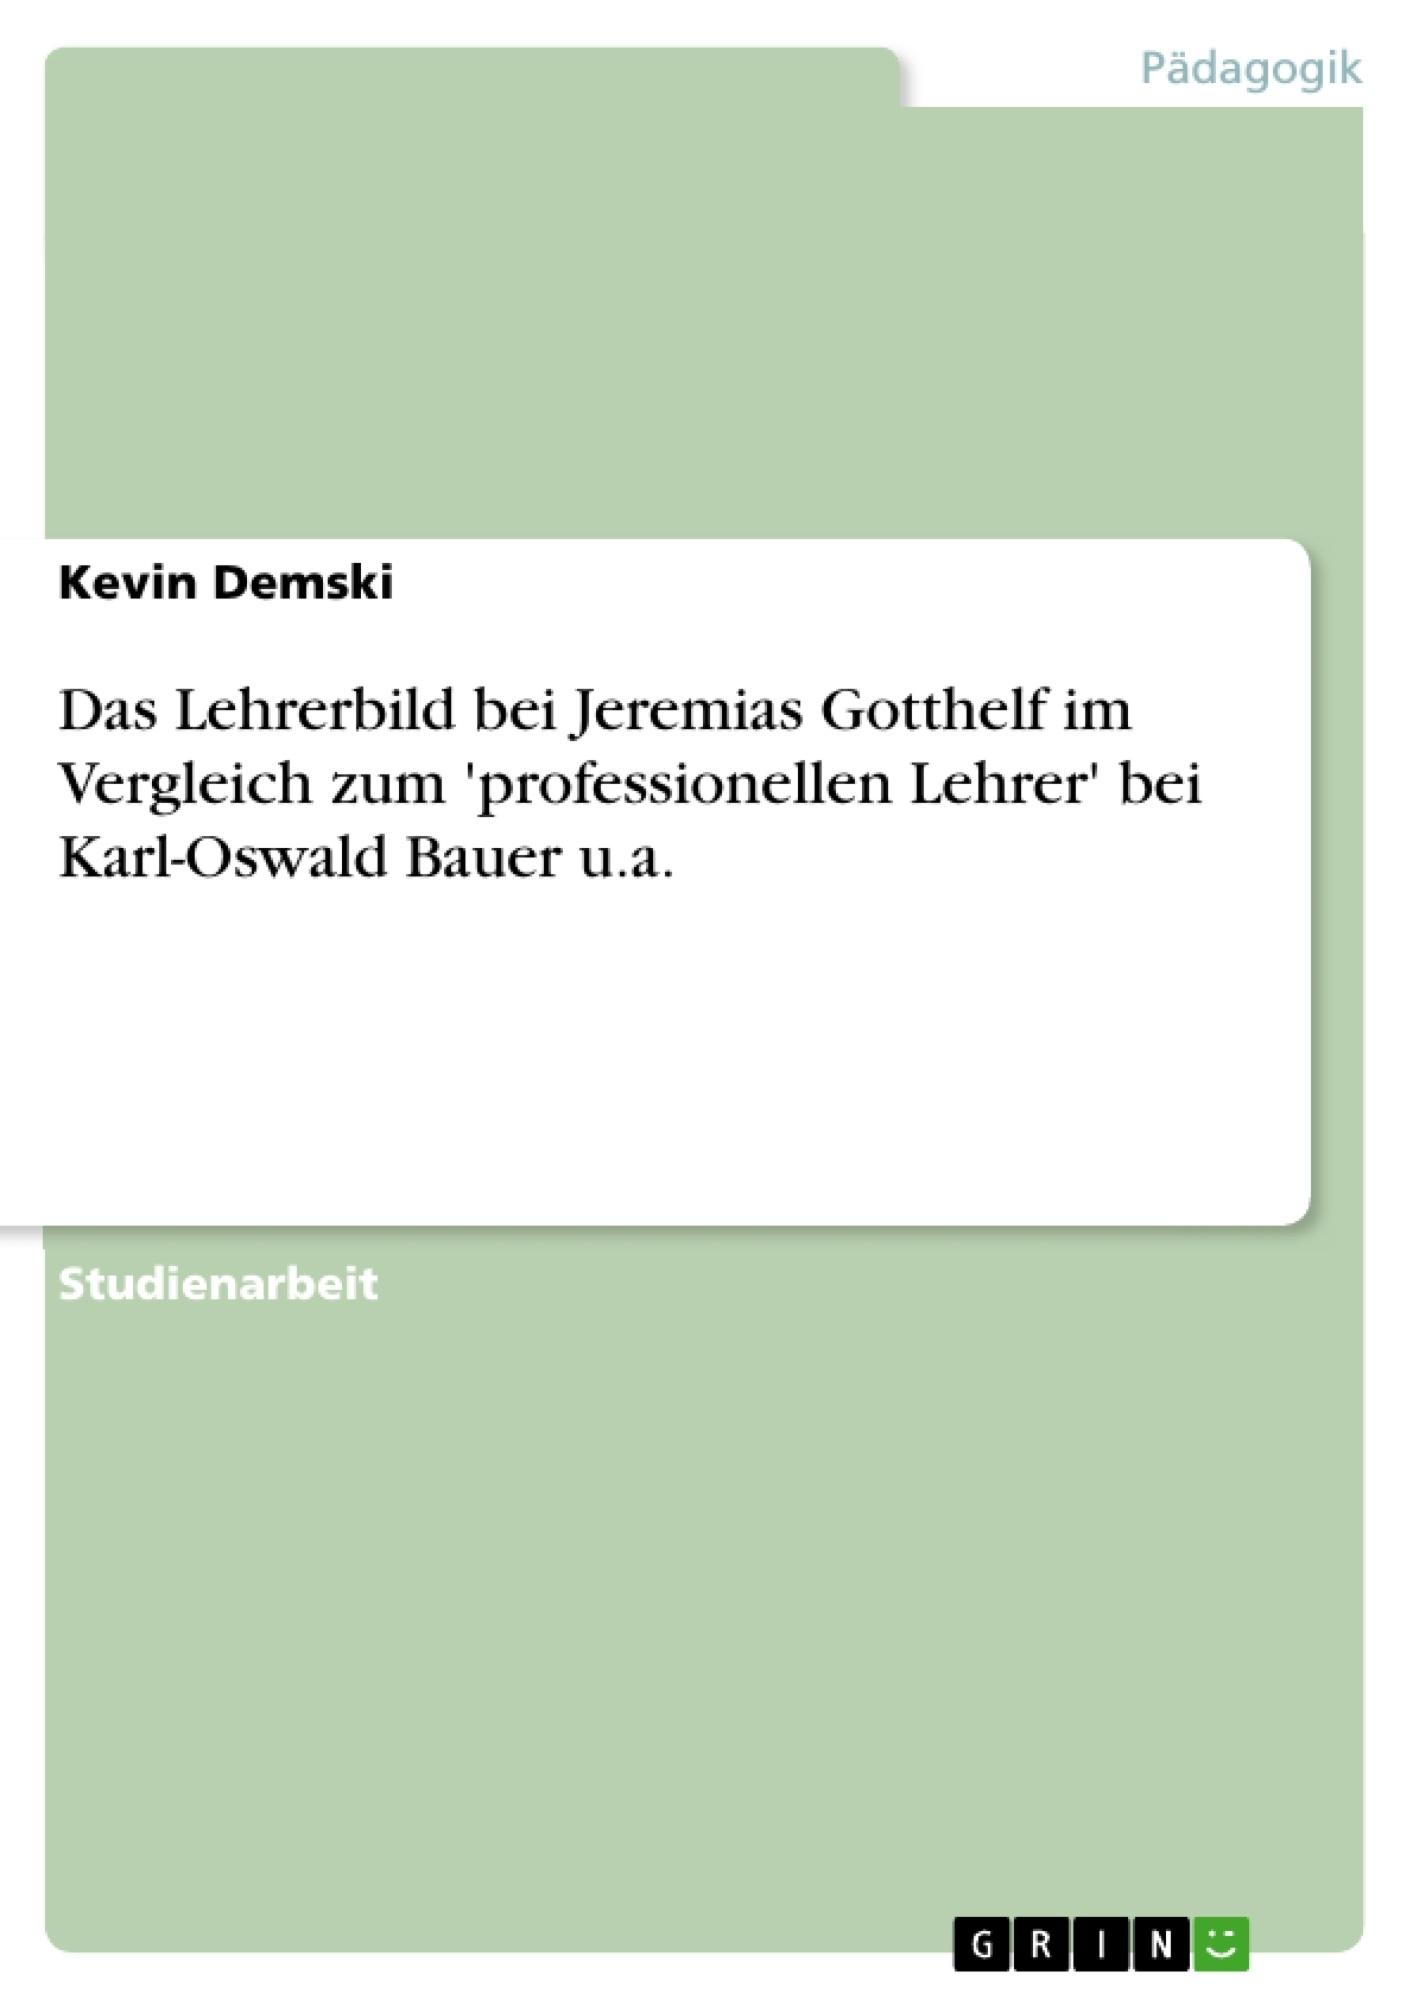 Titel: Das Lehrerbild bei Jeremias Gotthelf im Vergleich zum 'professionellen Lehrer' bei Karl-Oswald Bauer u.a.